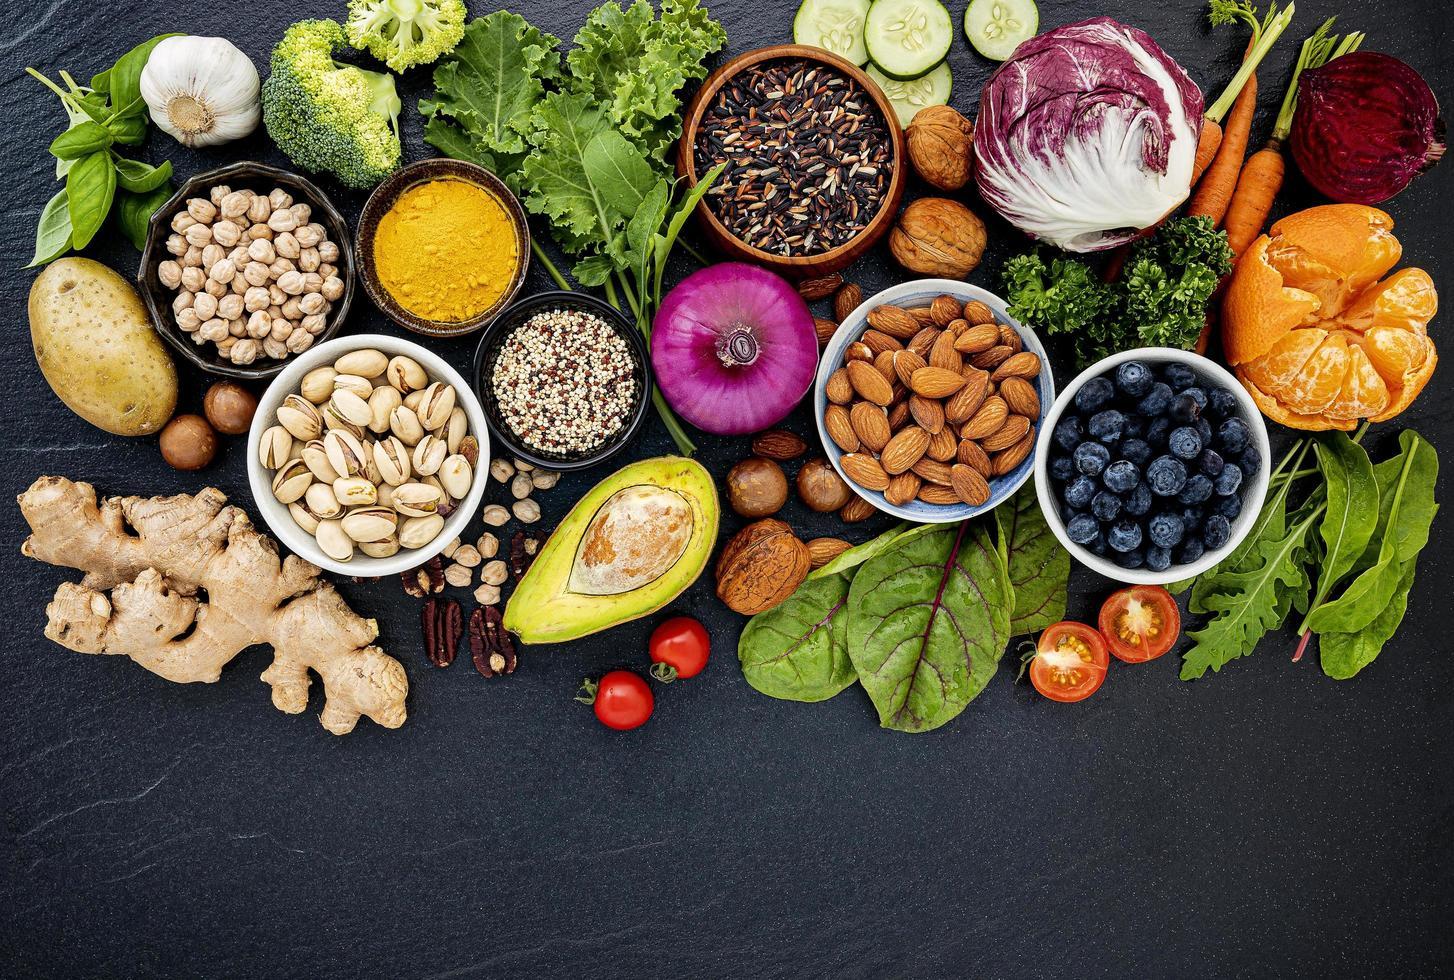 ingredientes frescos orgánicos foto